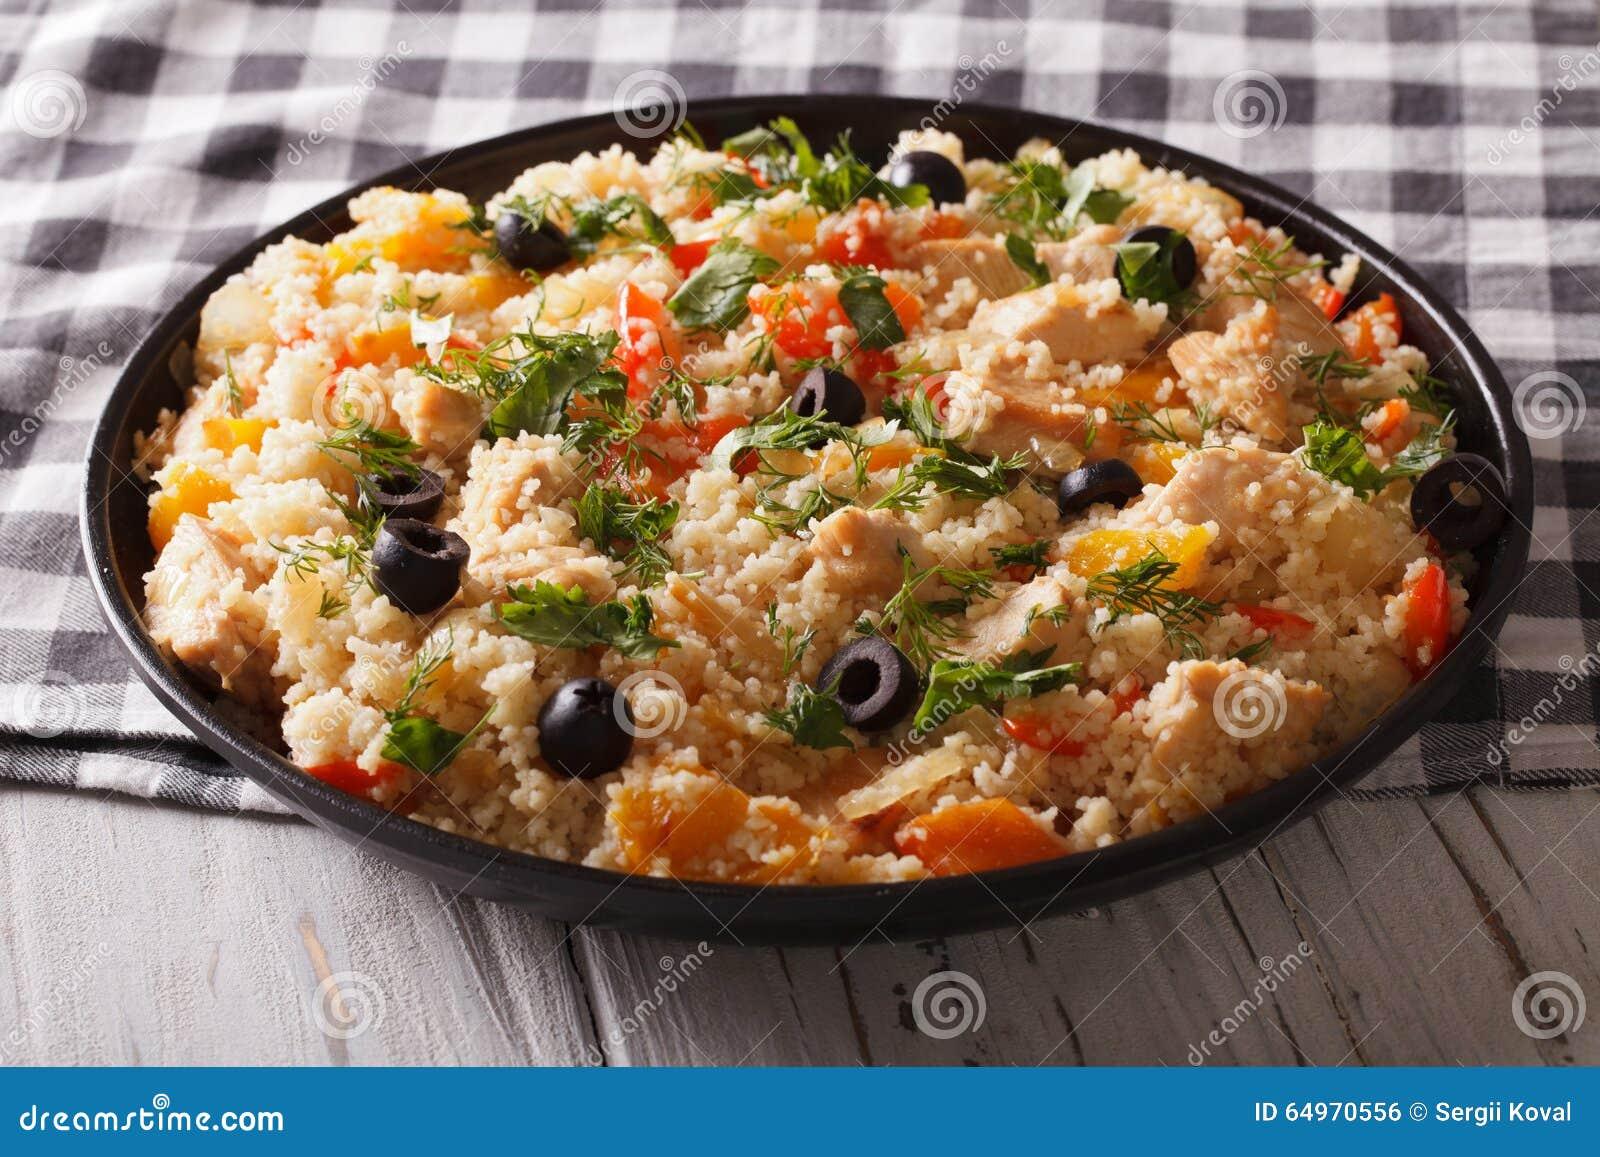 Afrikanische Küche: Kuskus Mit Huhn Und Gemüse Horizonta Stockfoto ...